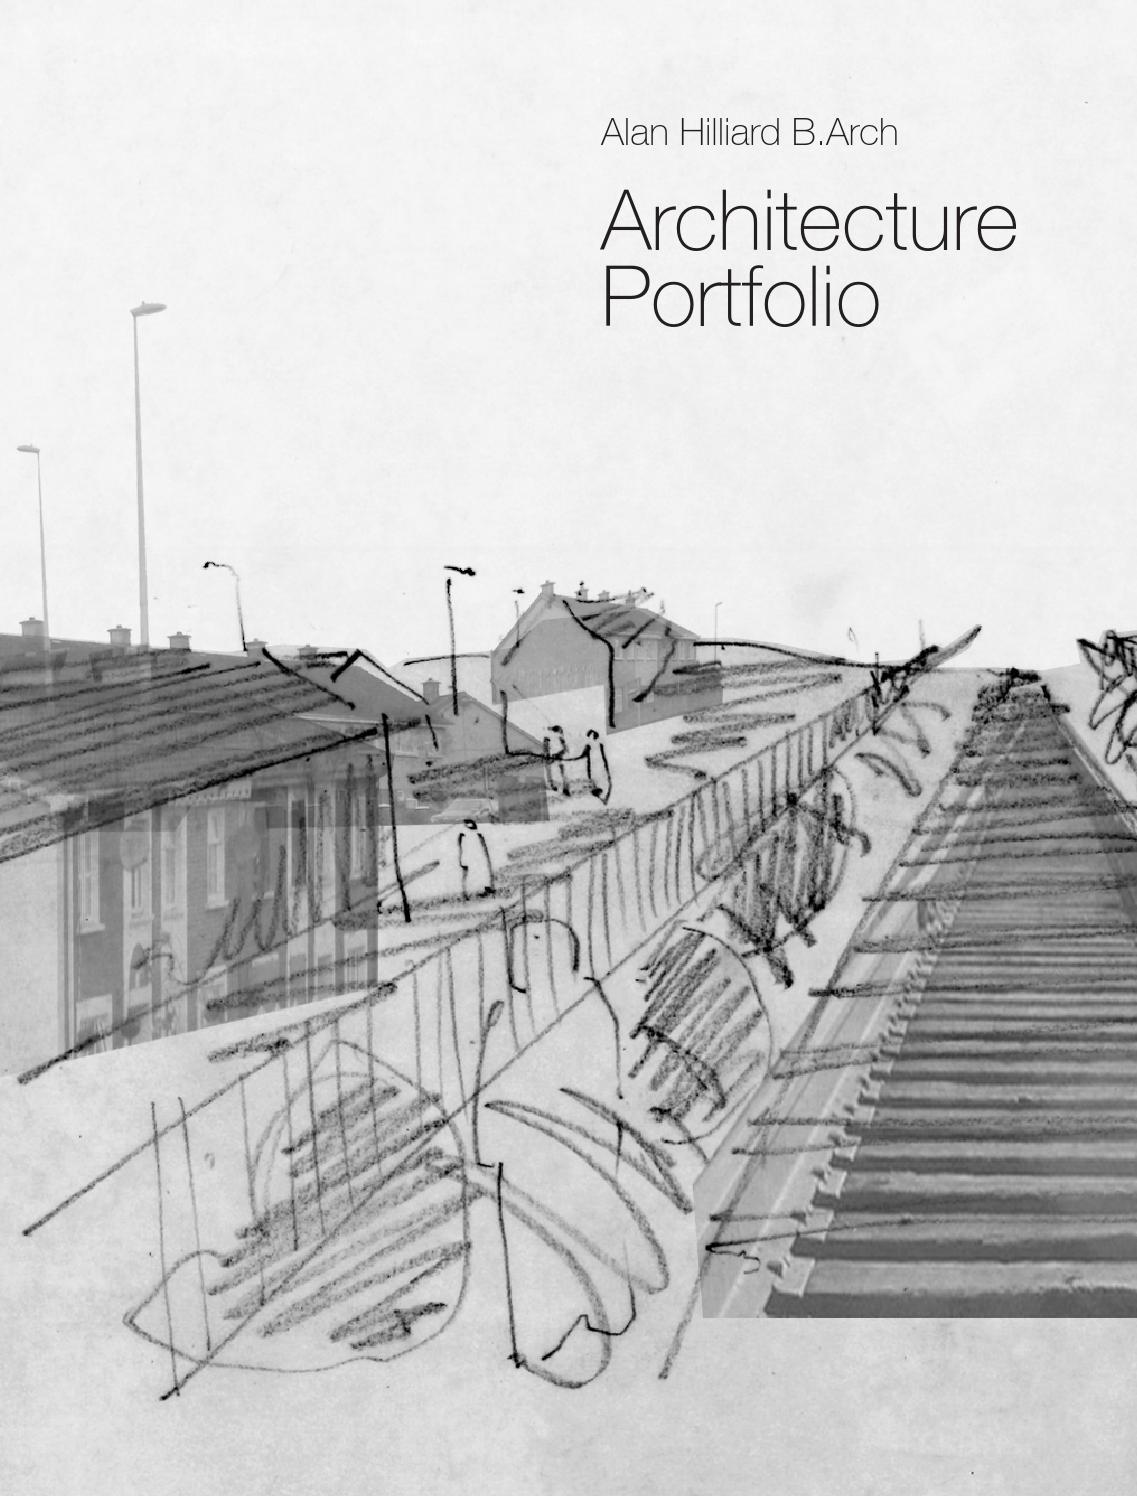 alan hilliard architecture portfolio march 2014 by alan hilliard